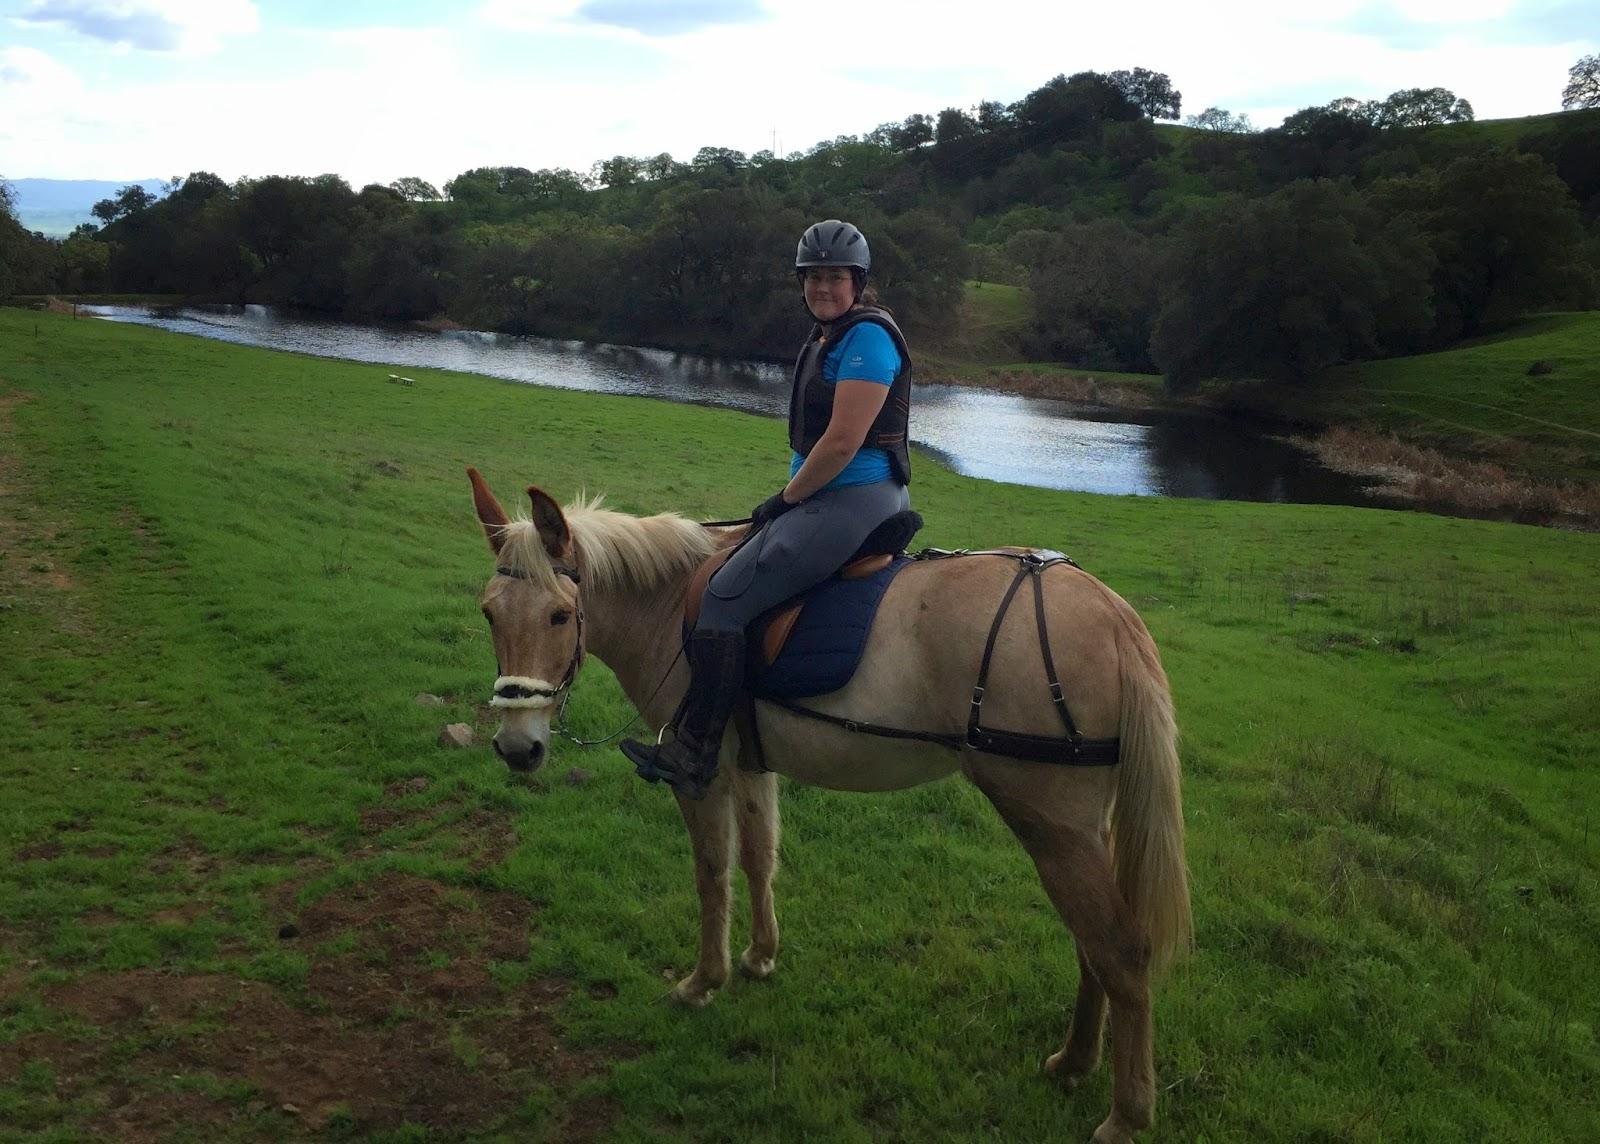 mule trail riding english saddle breeching palomino